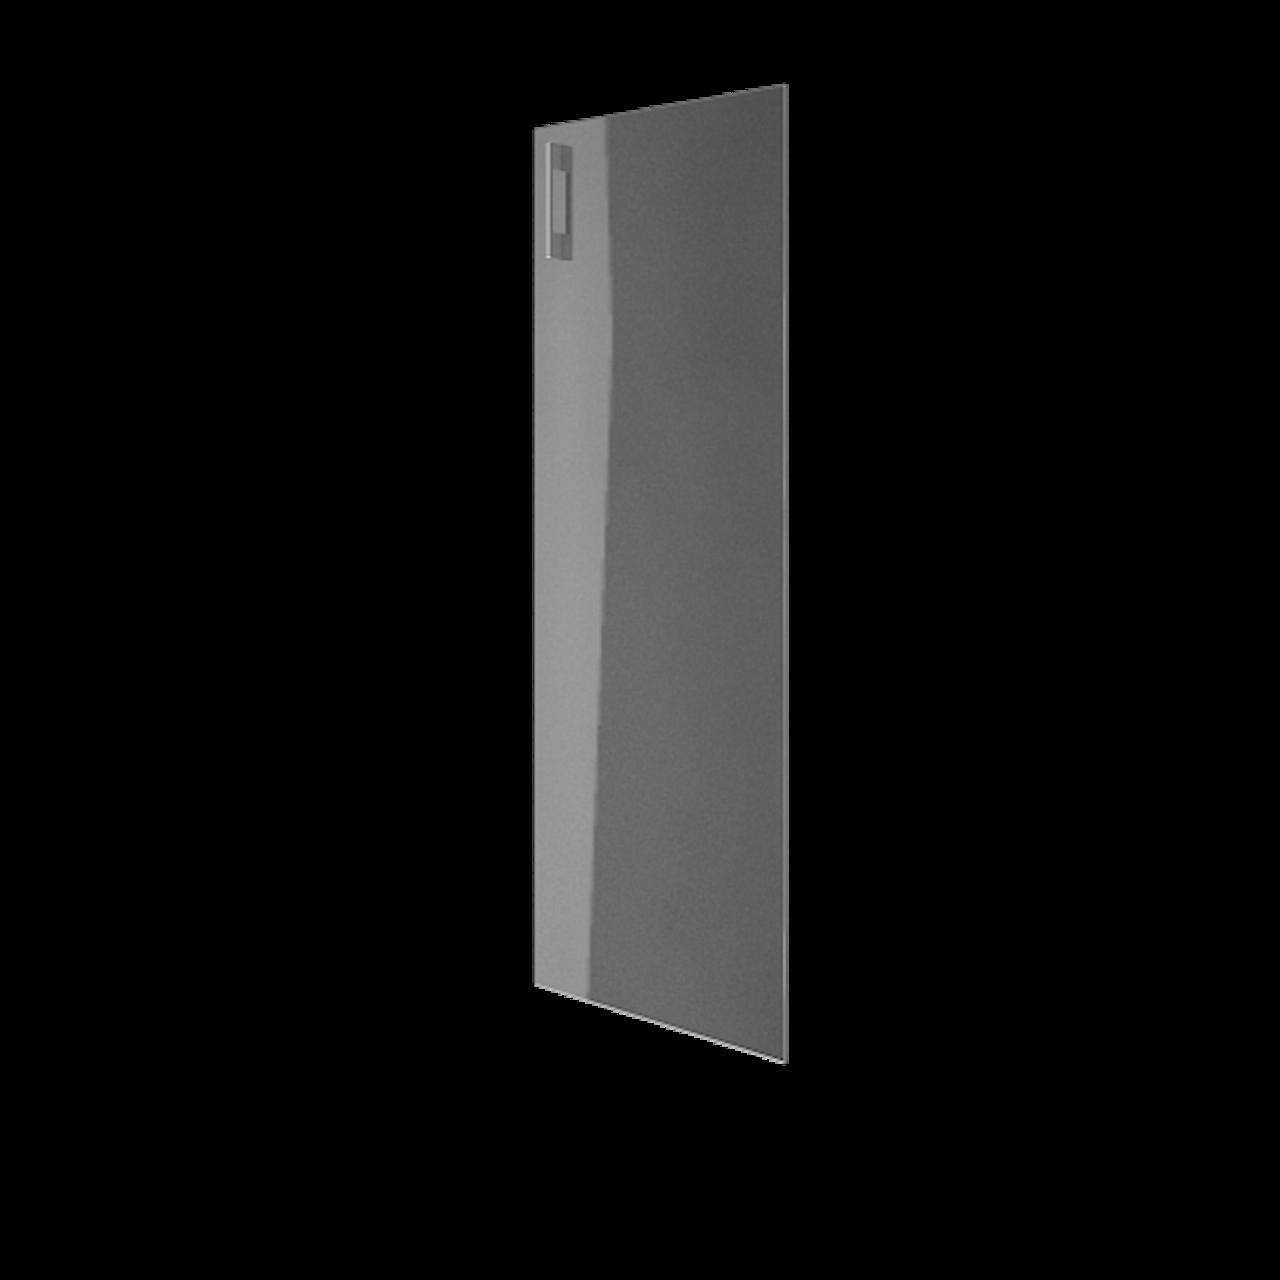 Дверь стекло среднее правая - фото 4